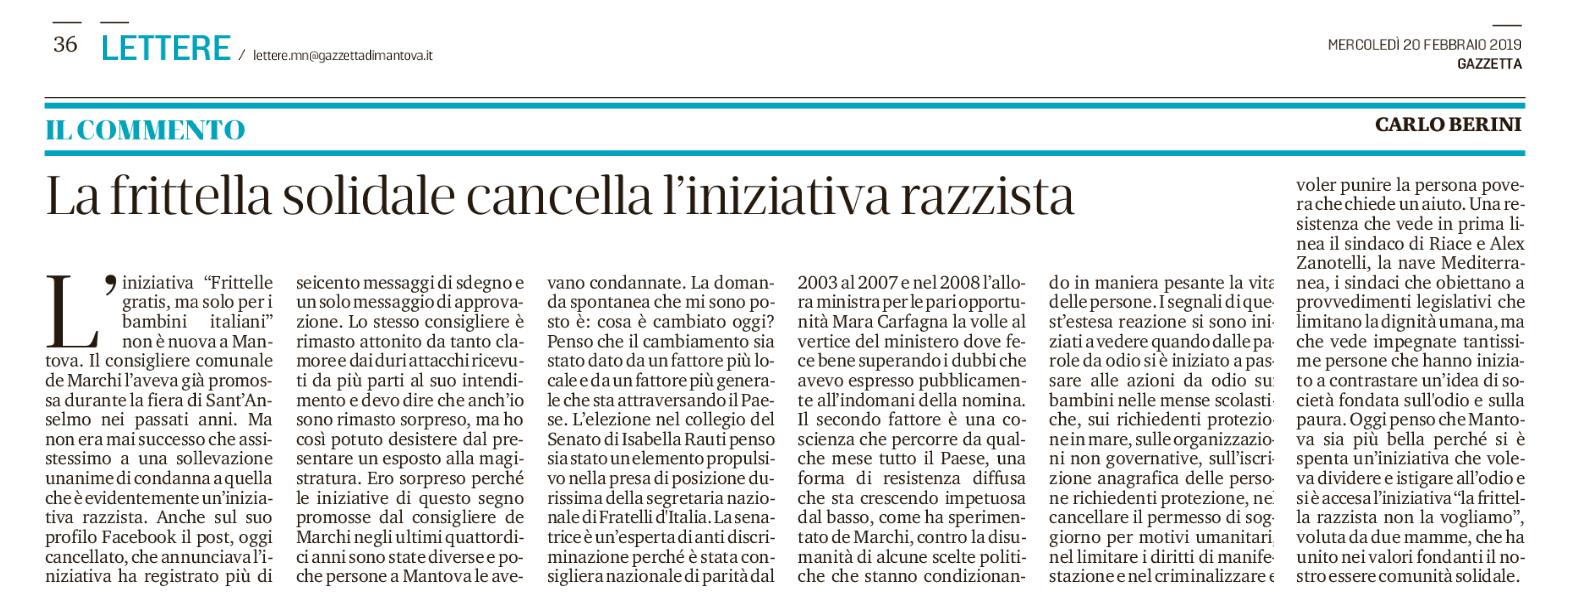 Articolo 3 Osservatorio sulle discriminazioni: Mantova, la frittella ...